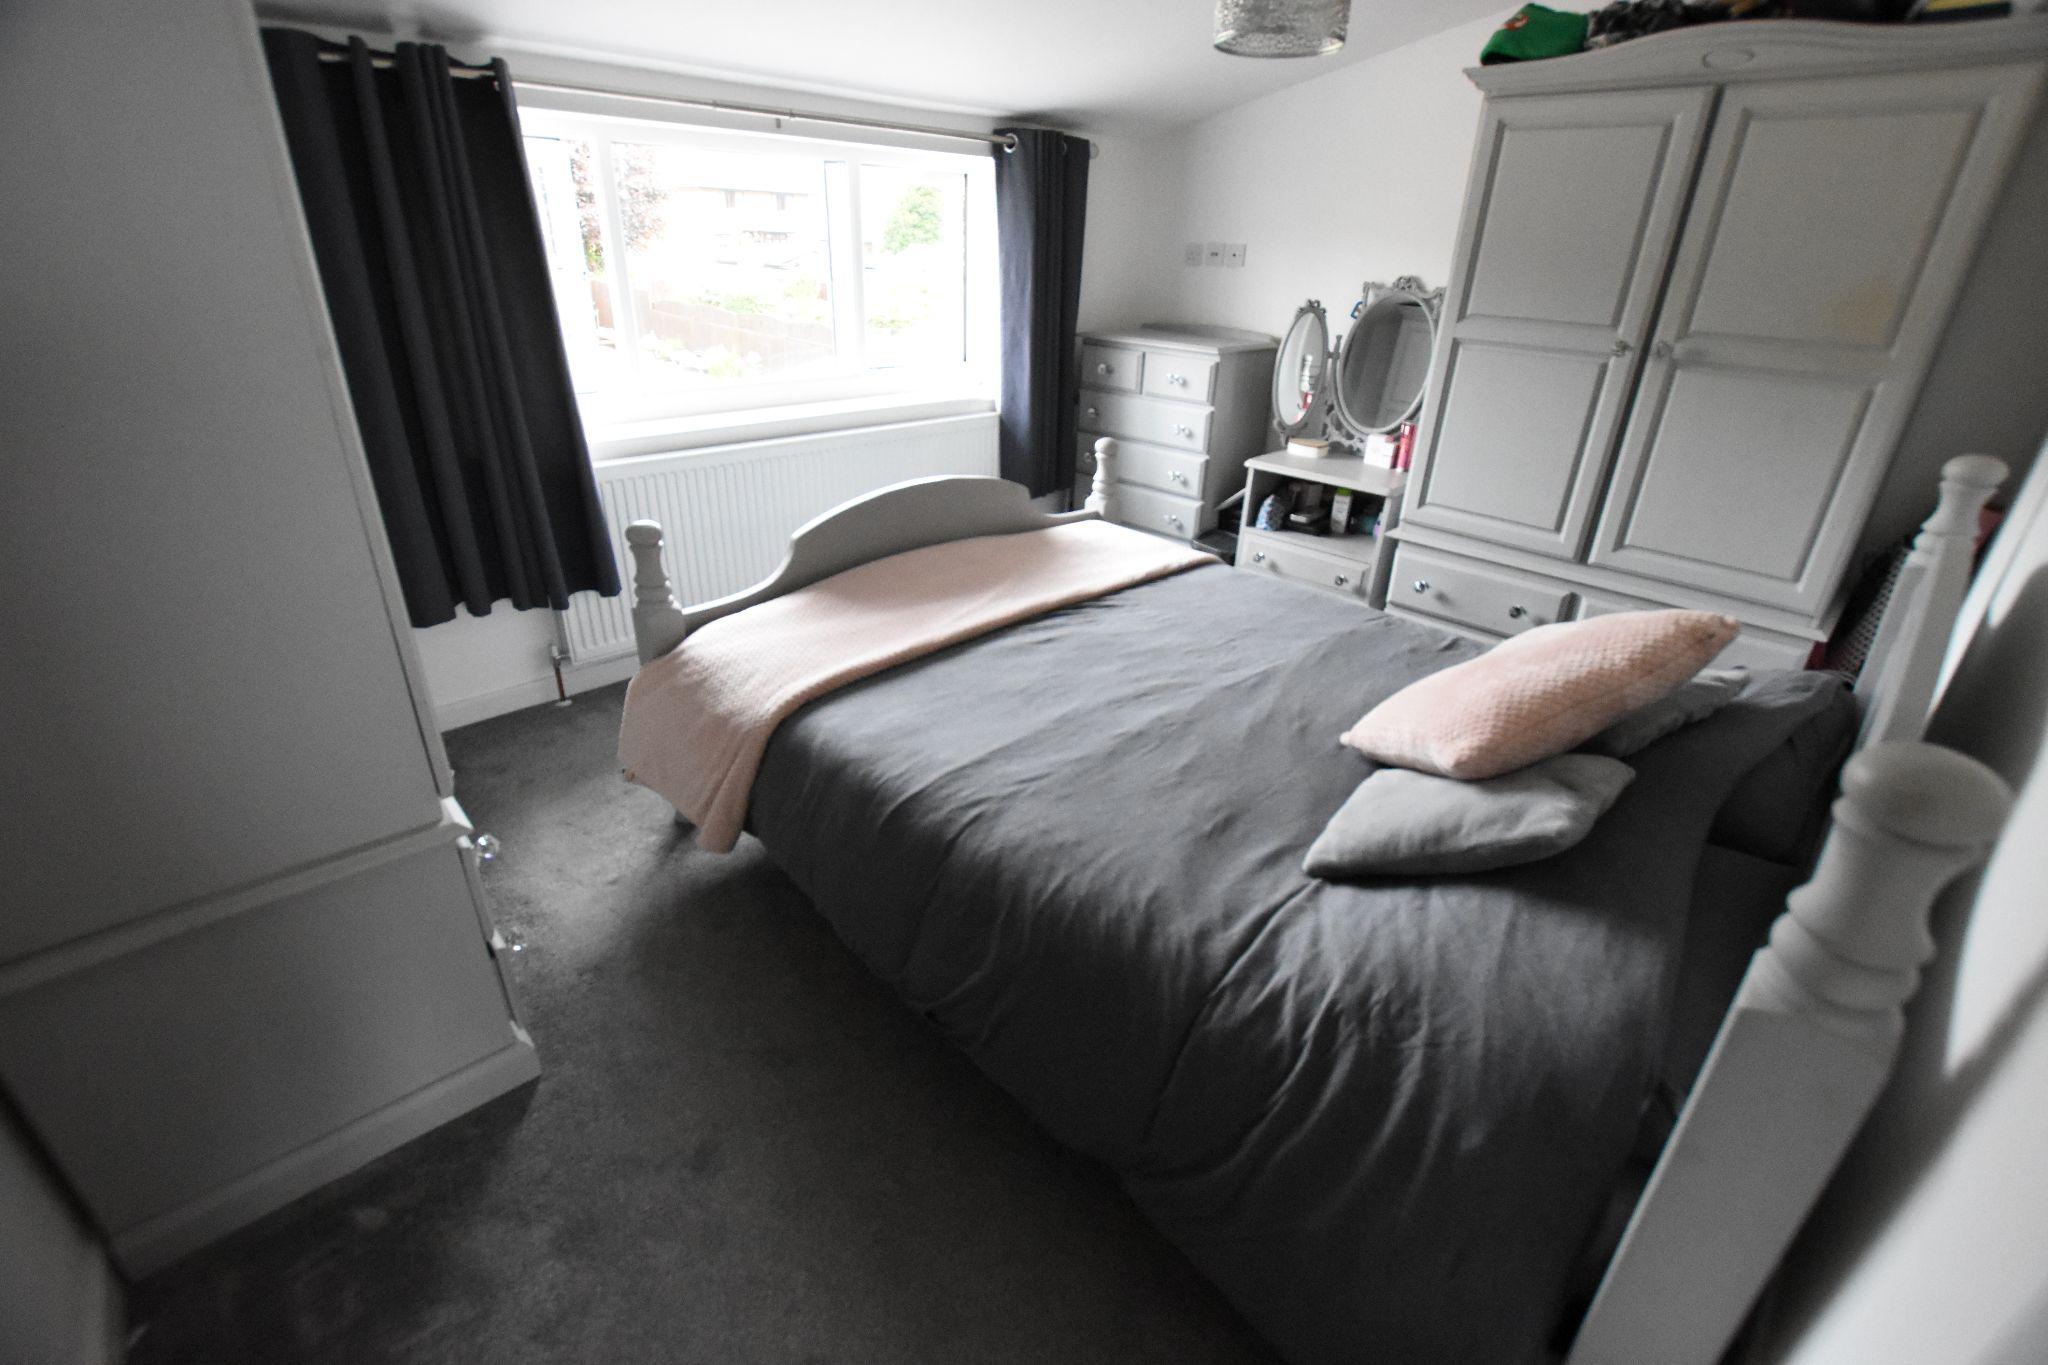 4 bedroom semi-detached bungalow Sold STC in Preston - Bedroom 1